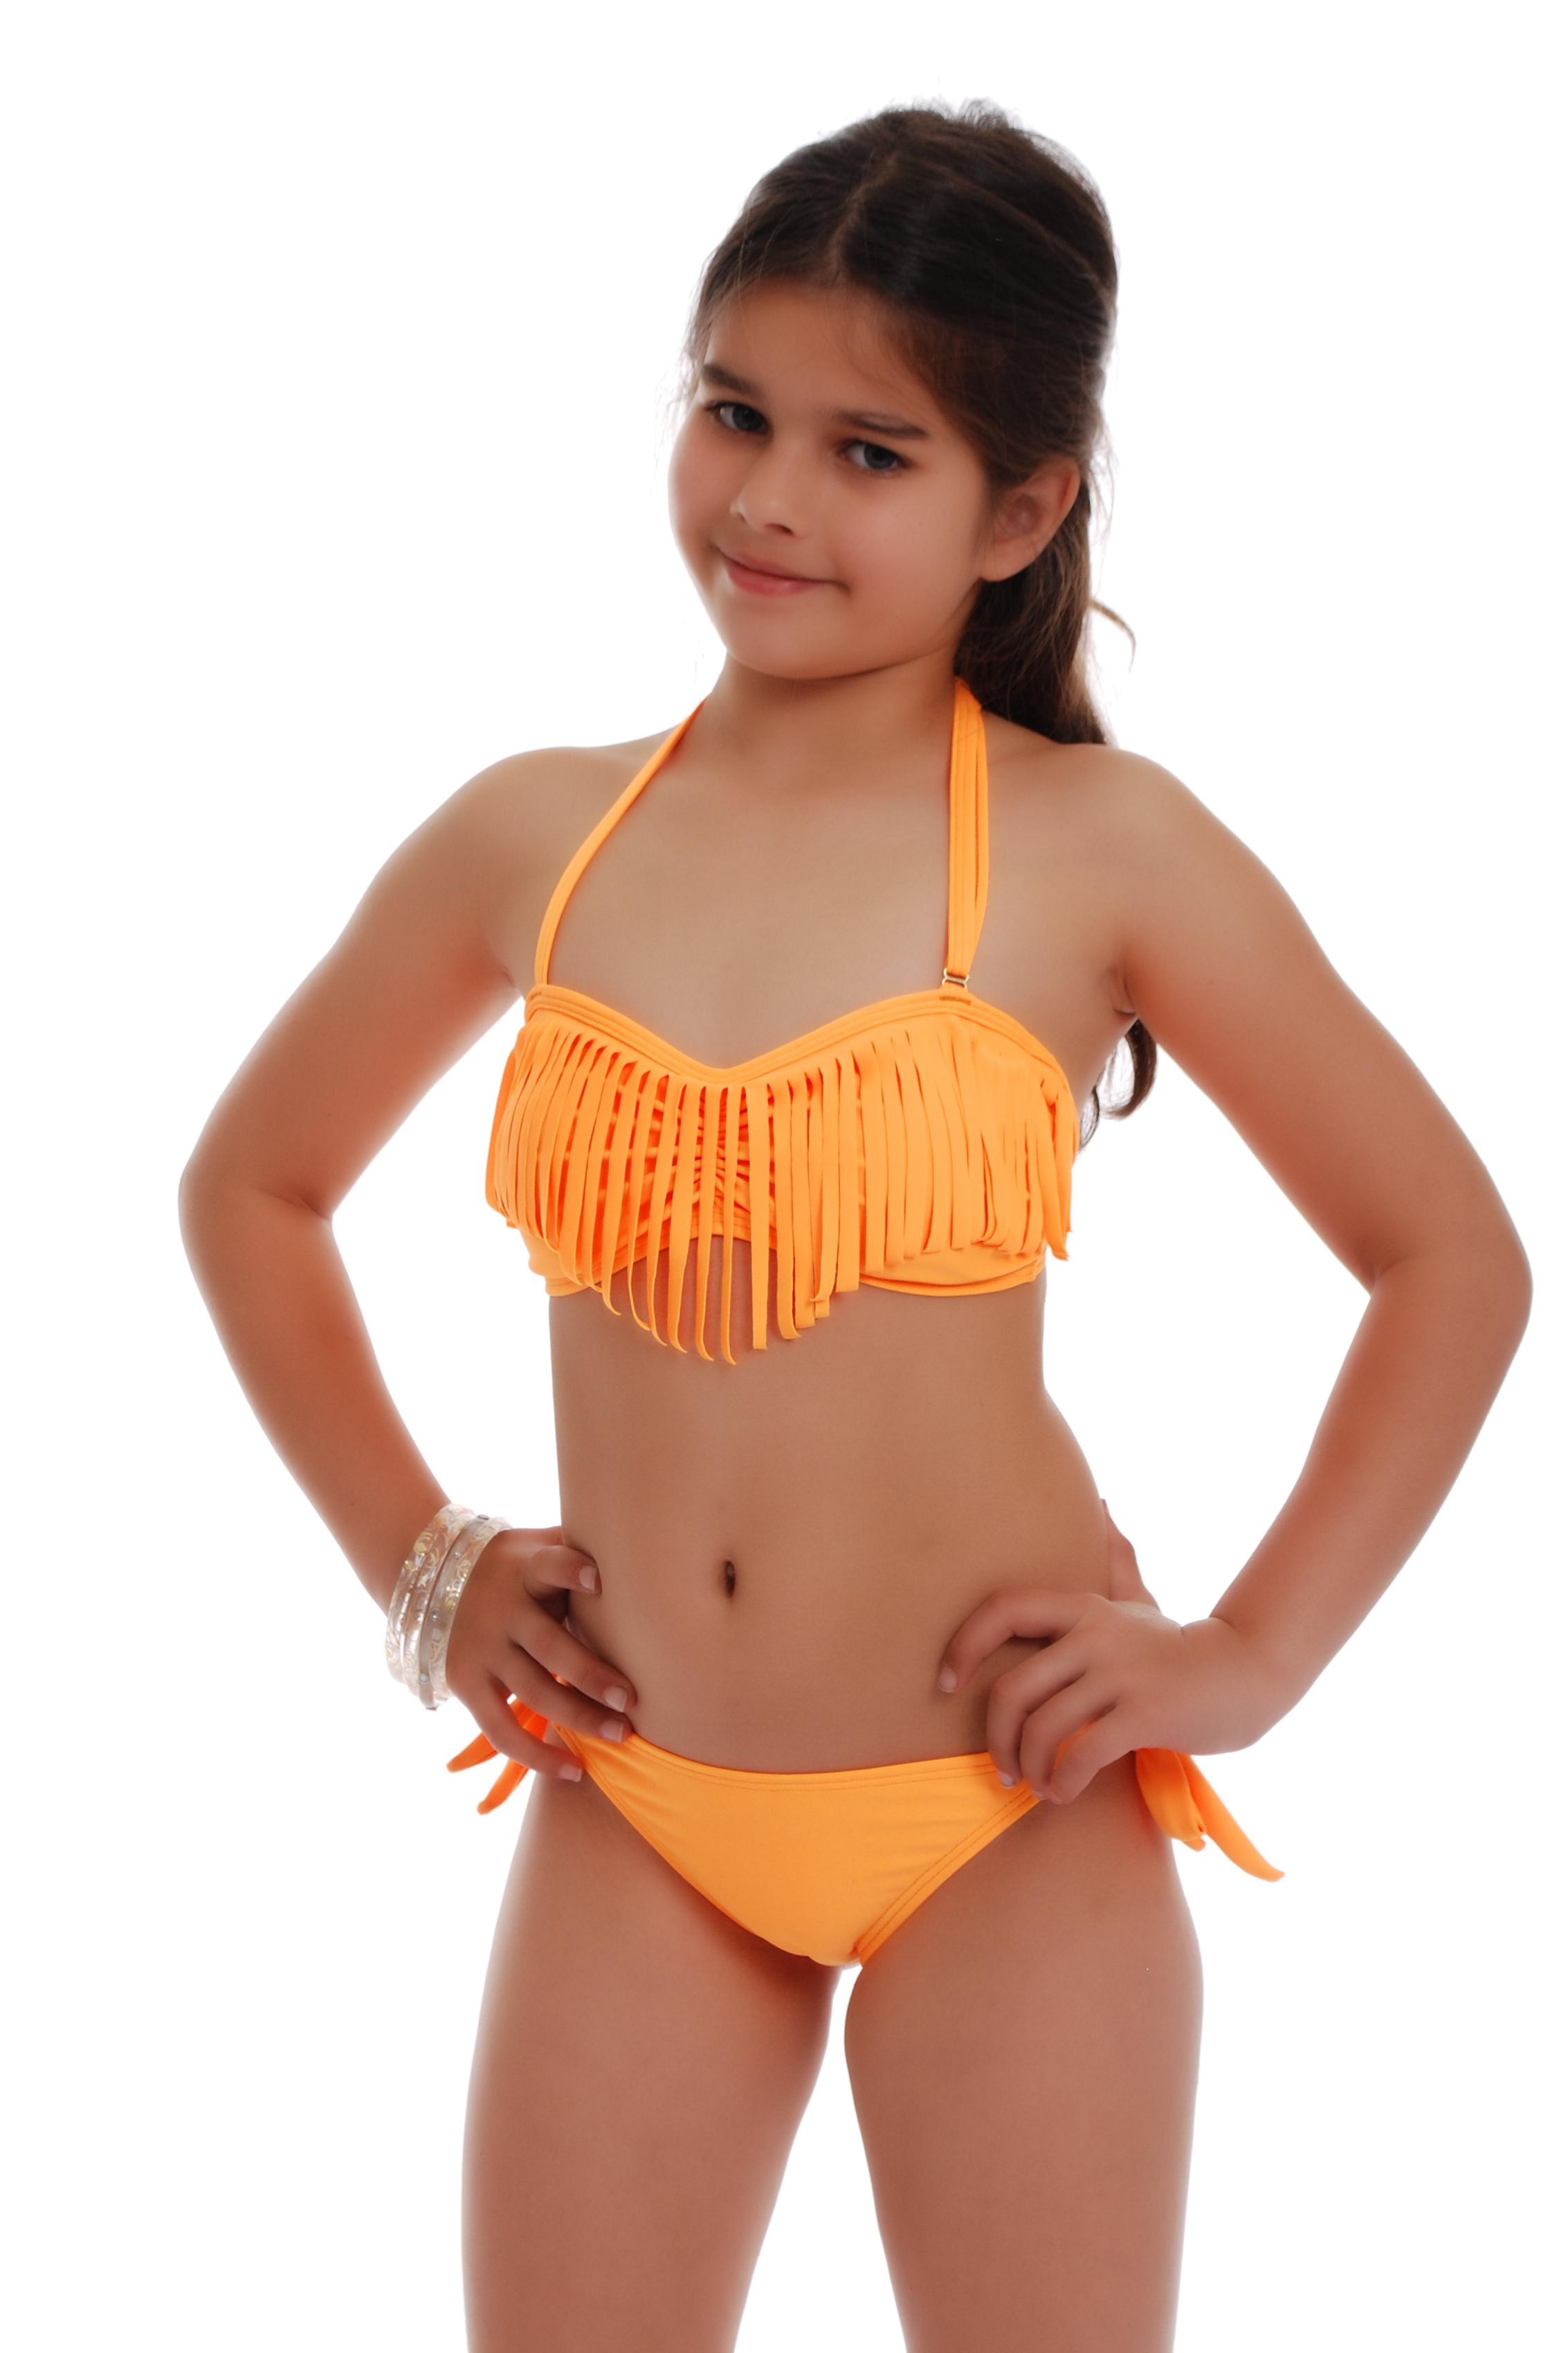 e878e18cdbf82 Junior Bikini Badeanzug Bando macrame Böden Bänder binden Seite 1116